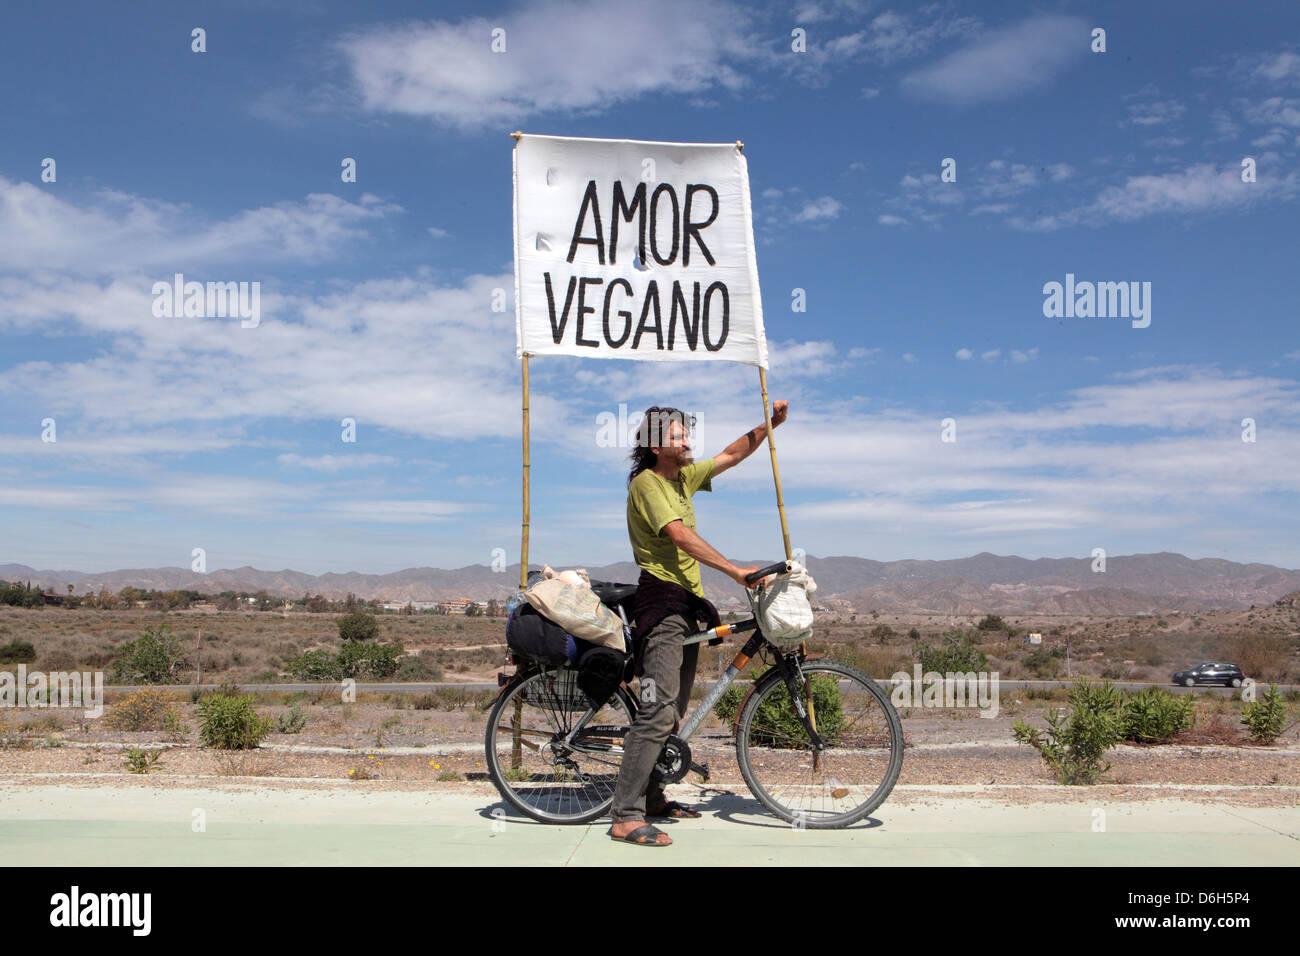 'Amor' ciclista Vegano idealista llevar banner a través de España promoción vegan dieta vegetariana Imagen De Stock